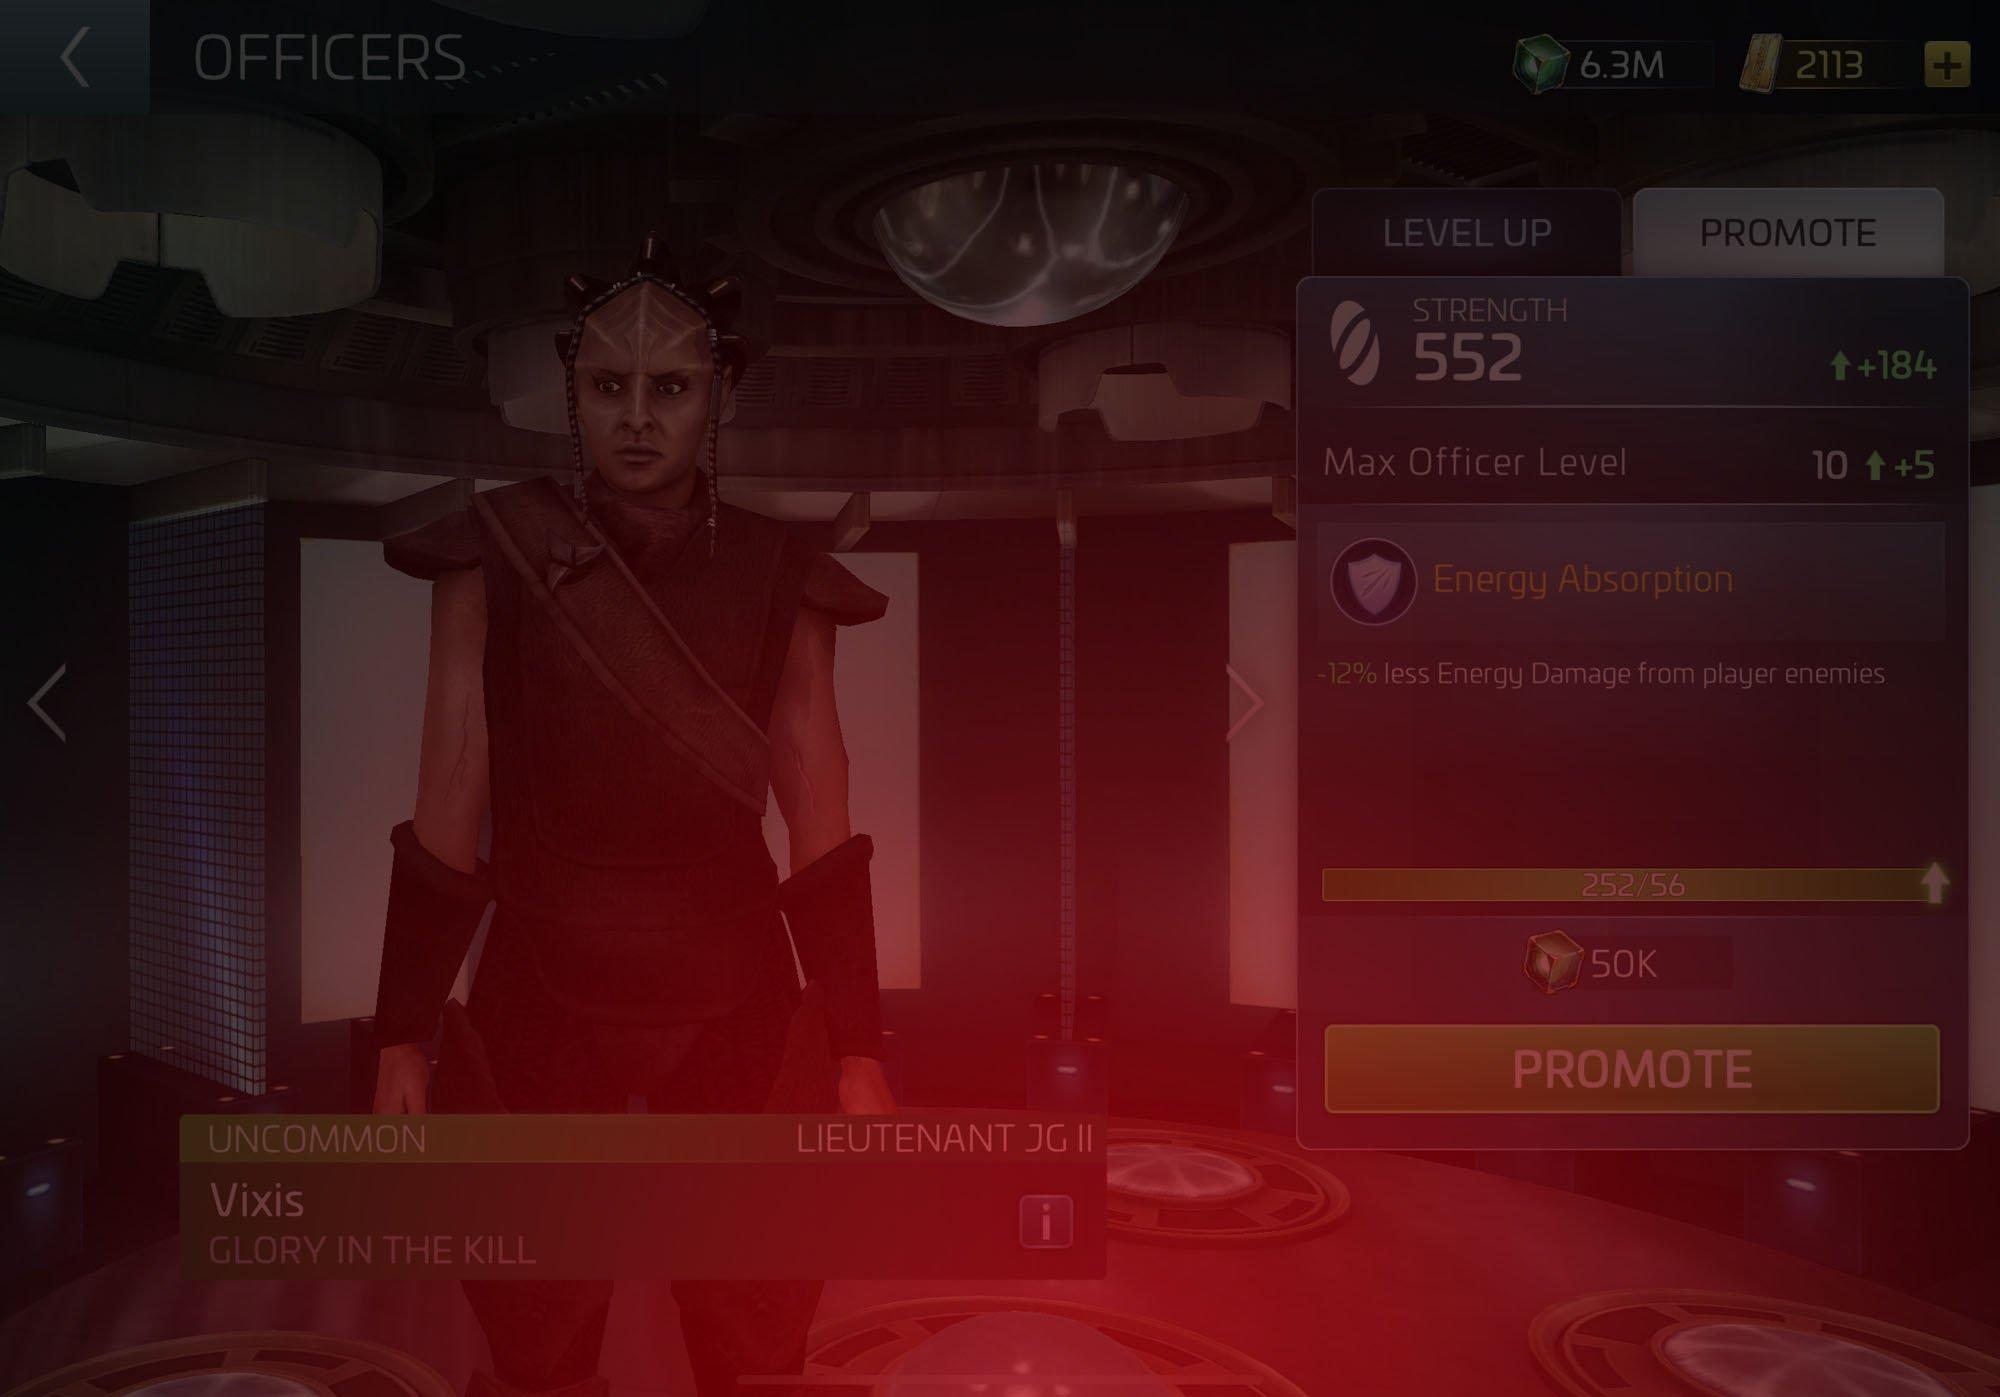 Officer Vixis